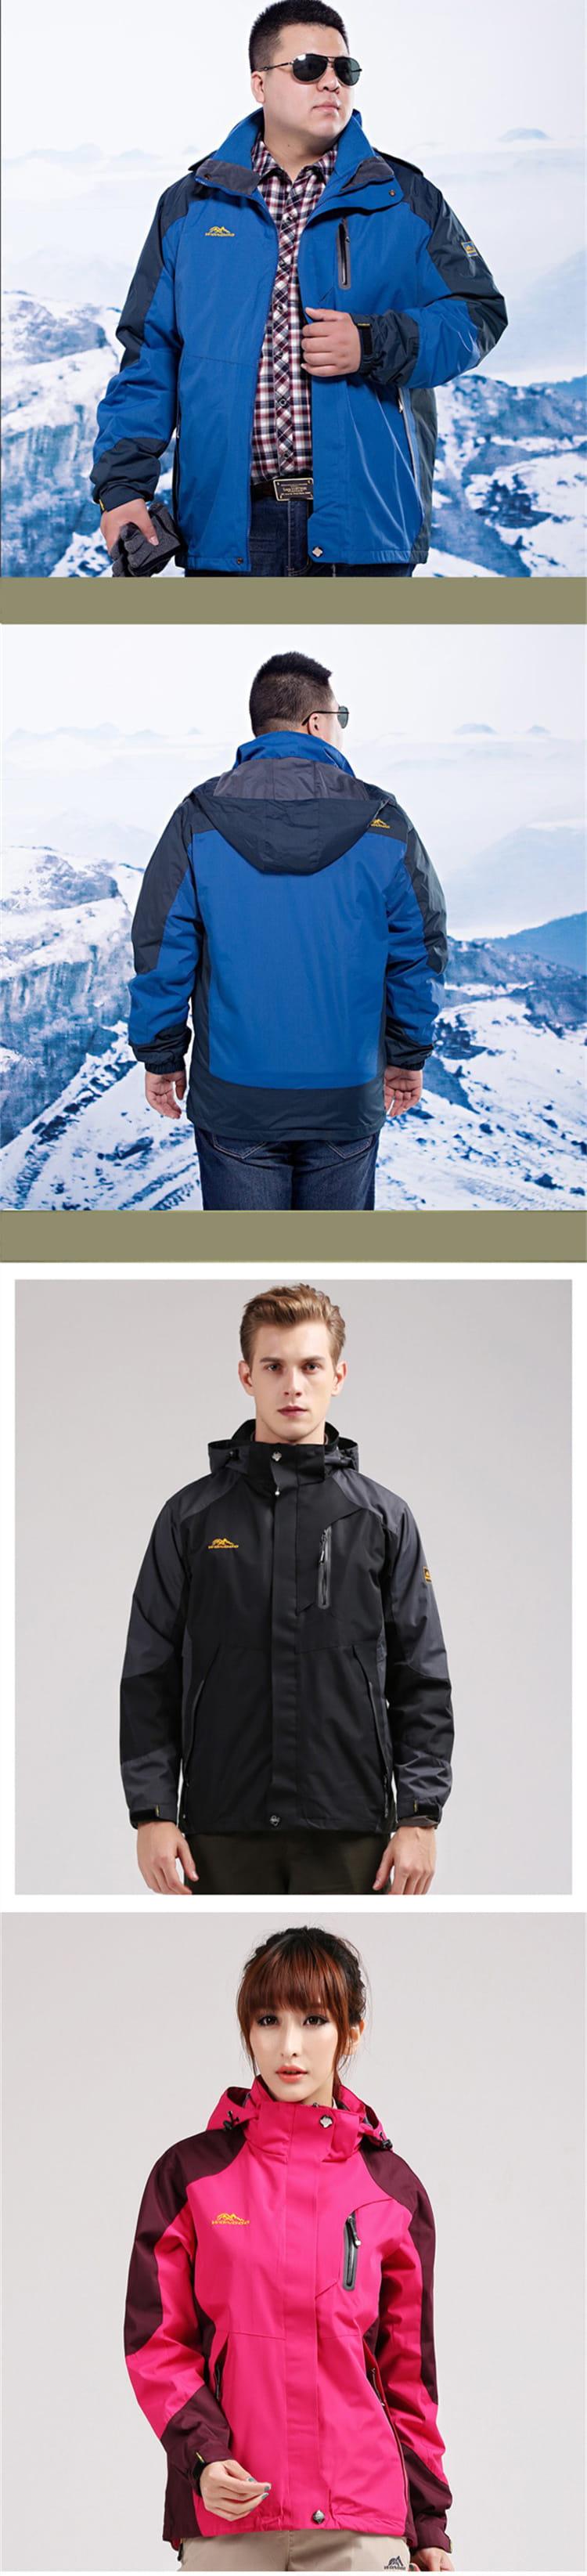 加大碼三合一真禦寒機能衝鋒衣外套  防水防風戶外登山外套 男/女款 XL~8XL【CP16001】 10